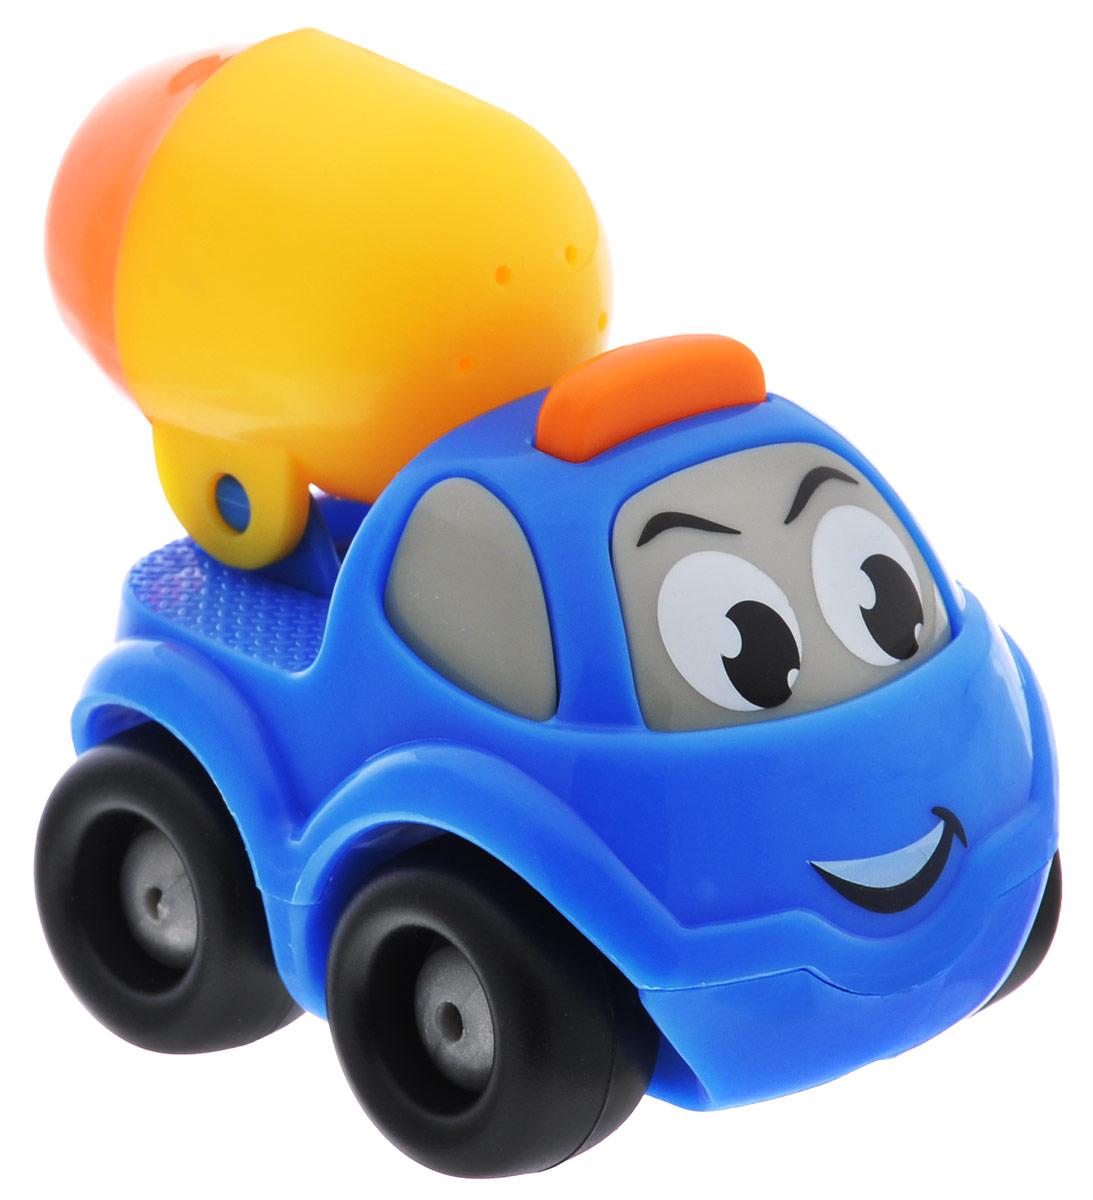 Smoby Машинка Vroom Planet с бочкой цвет синий211257_синийМини-машинка с бочкой Smoby Vroom Planet привлечет внимание вашего ребенка и надолго останется его любимой игрушкой. Плавные формы без острых углов, яркие цвета - все это выгодно выделяет эту игрушку из ряда подобных. Игрушка в виде машинки, у которой вместо кузова установлена яркая бочка. Кабина машинки оформлена в виде лица - с глазками и задорной улыбкой. Машинка развивает концентрацию внимания, координацию движений, мелкую моторику рук, цветовое восприятие и воображение. Малыш будет часами играть с этой машинкой, придумывая разные истории.